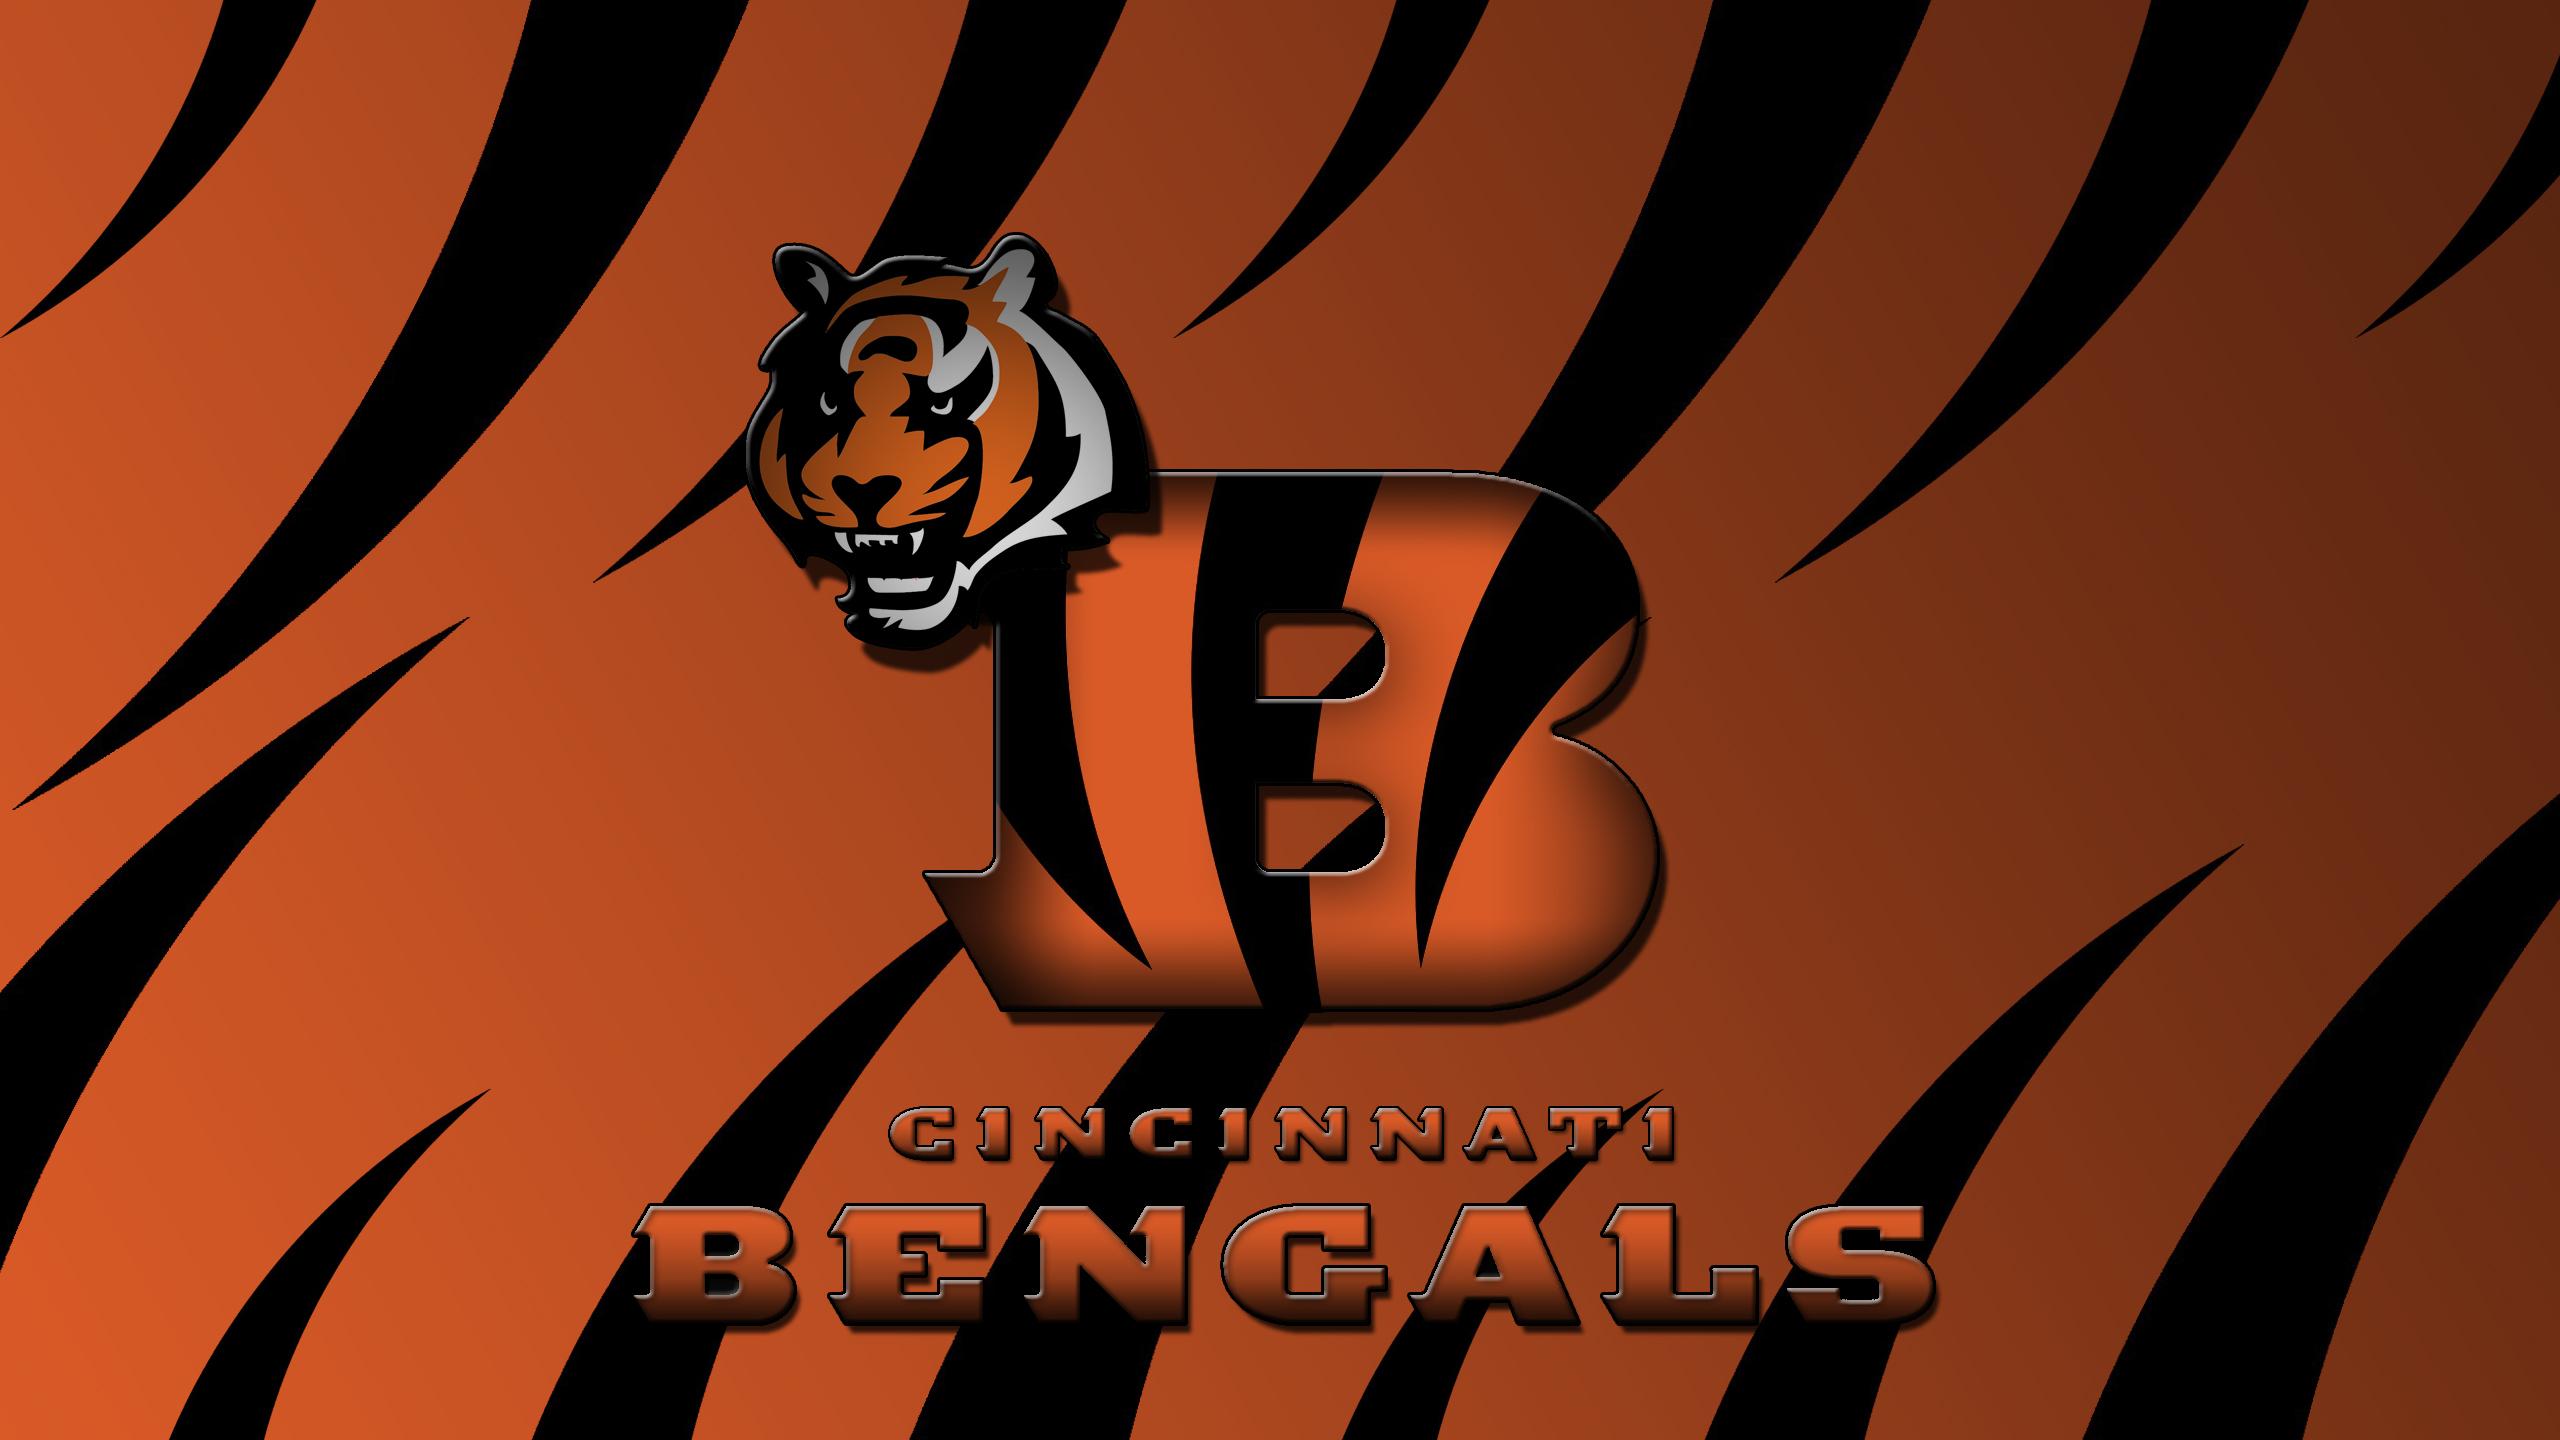 Cincinnati Bengals nfl football sports